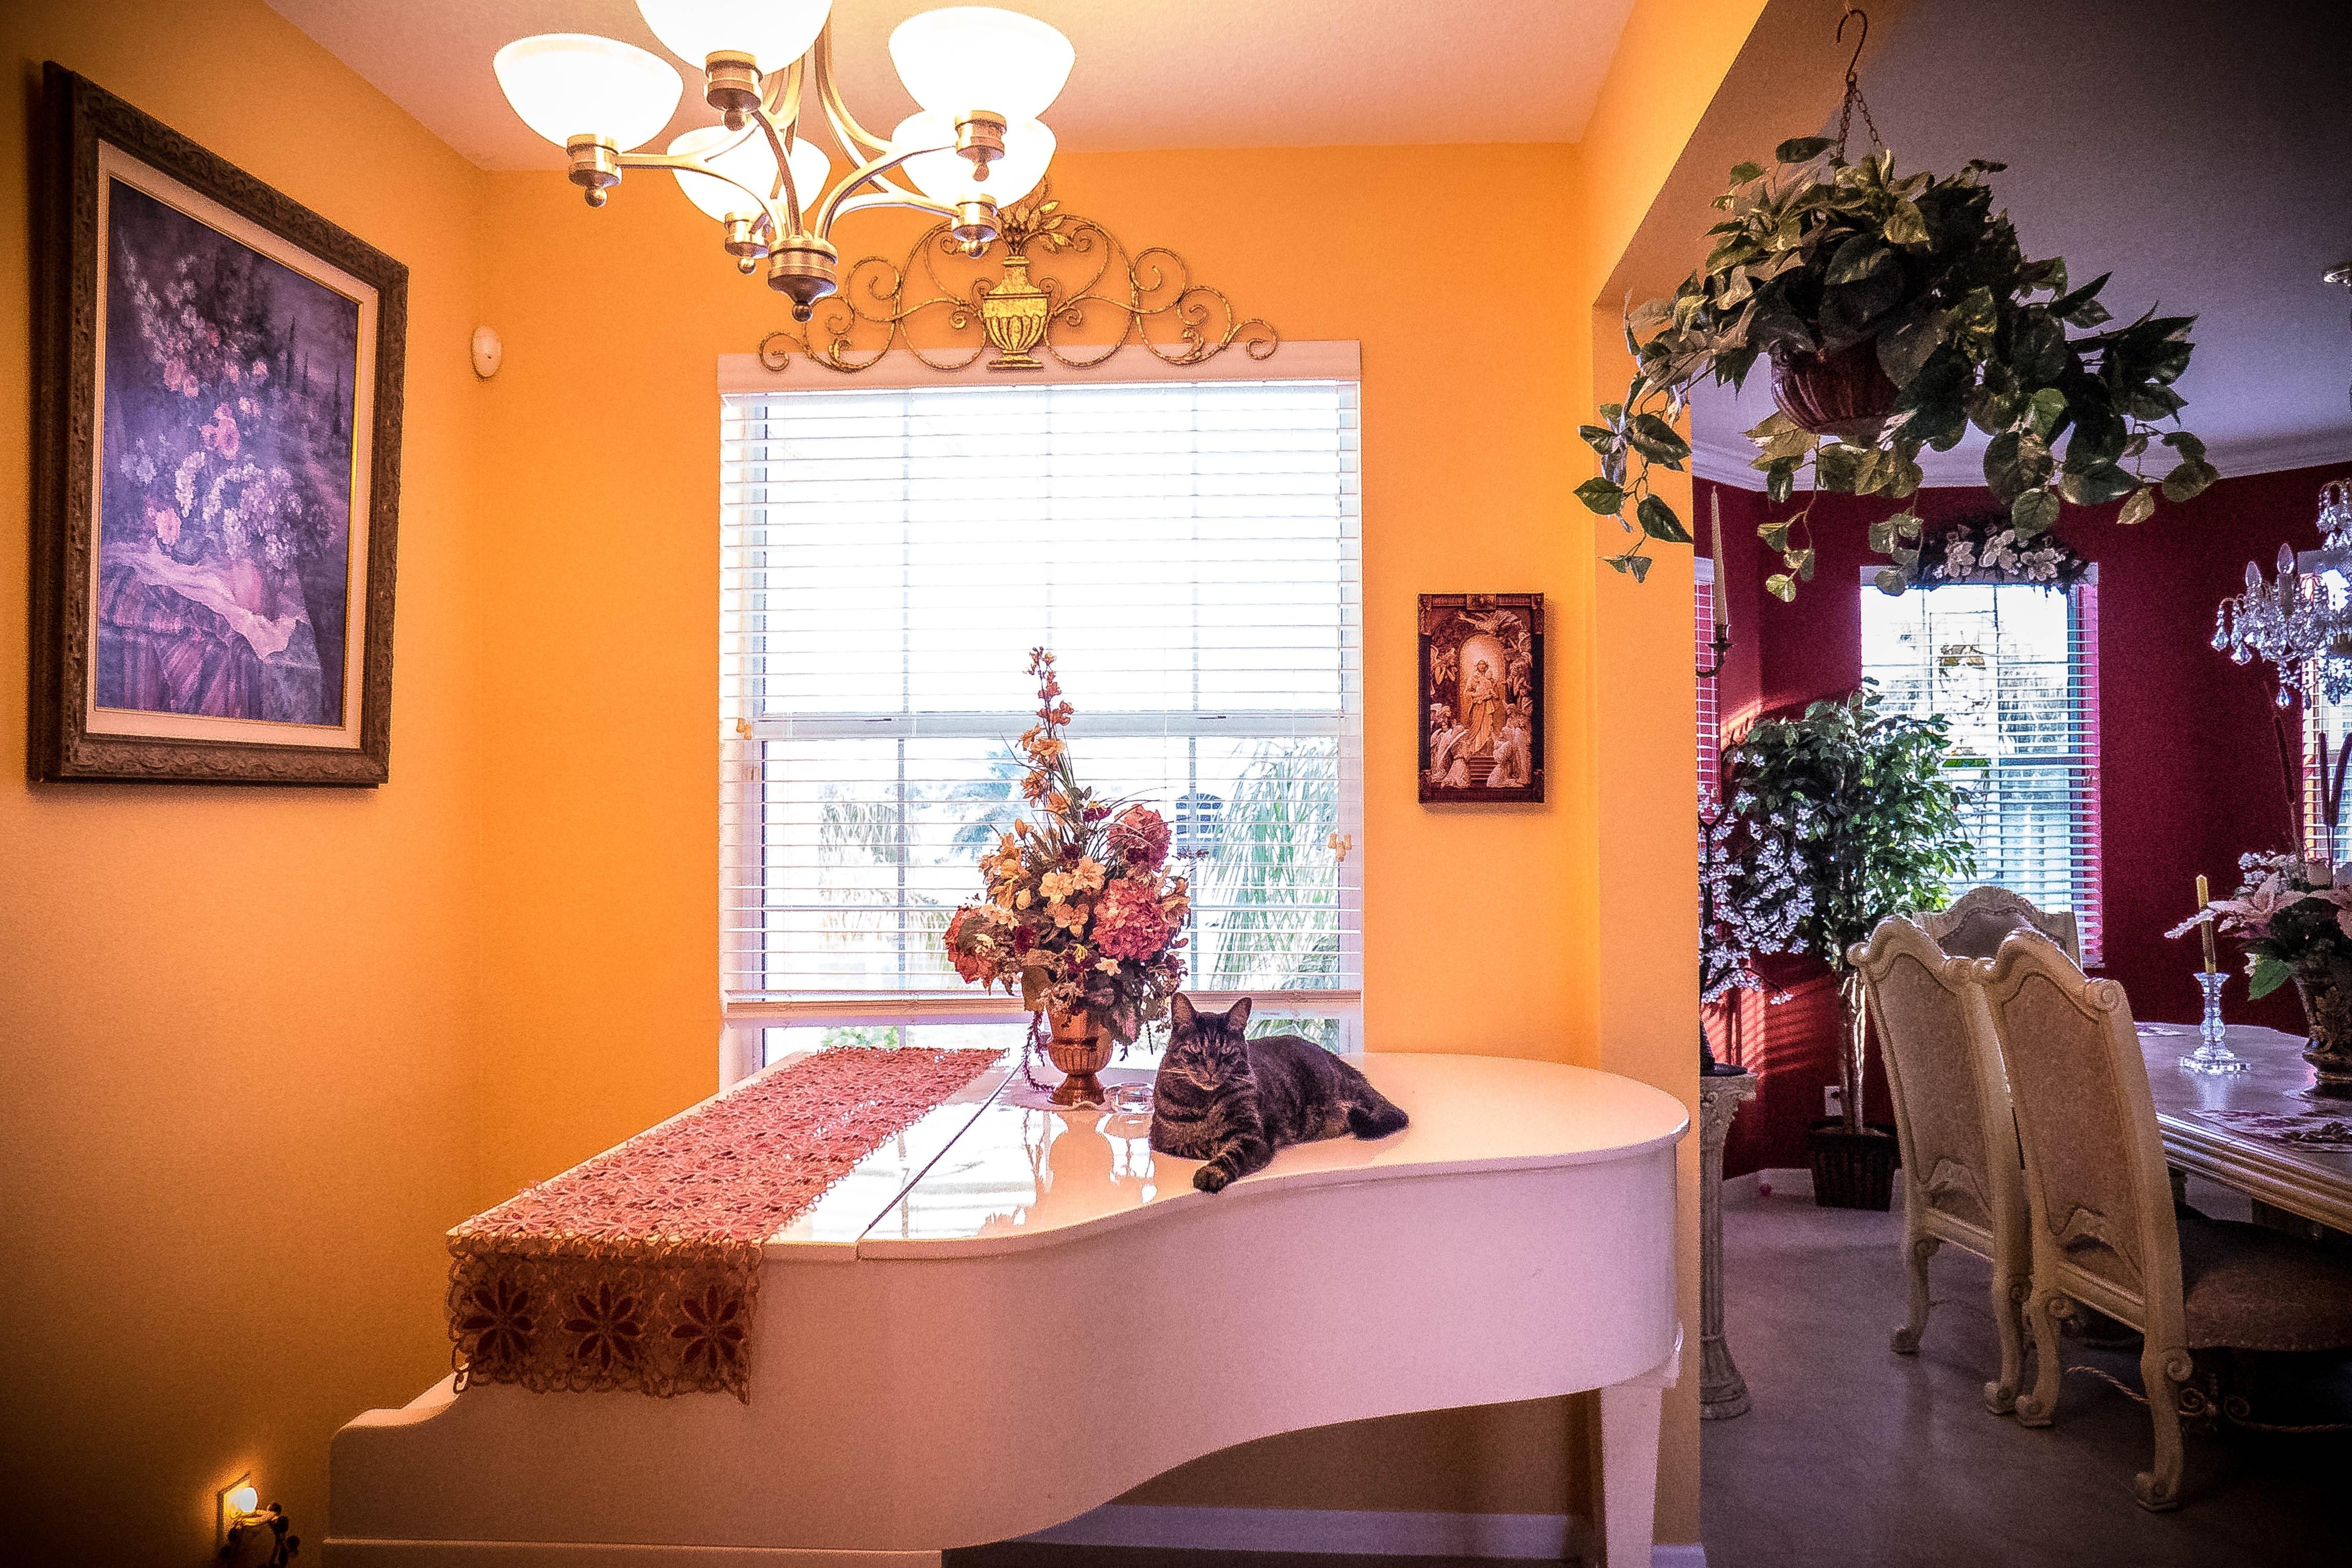 Images Gratuites : blanc, intérieur, maison, chat, instrument, piano ...